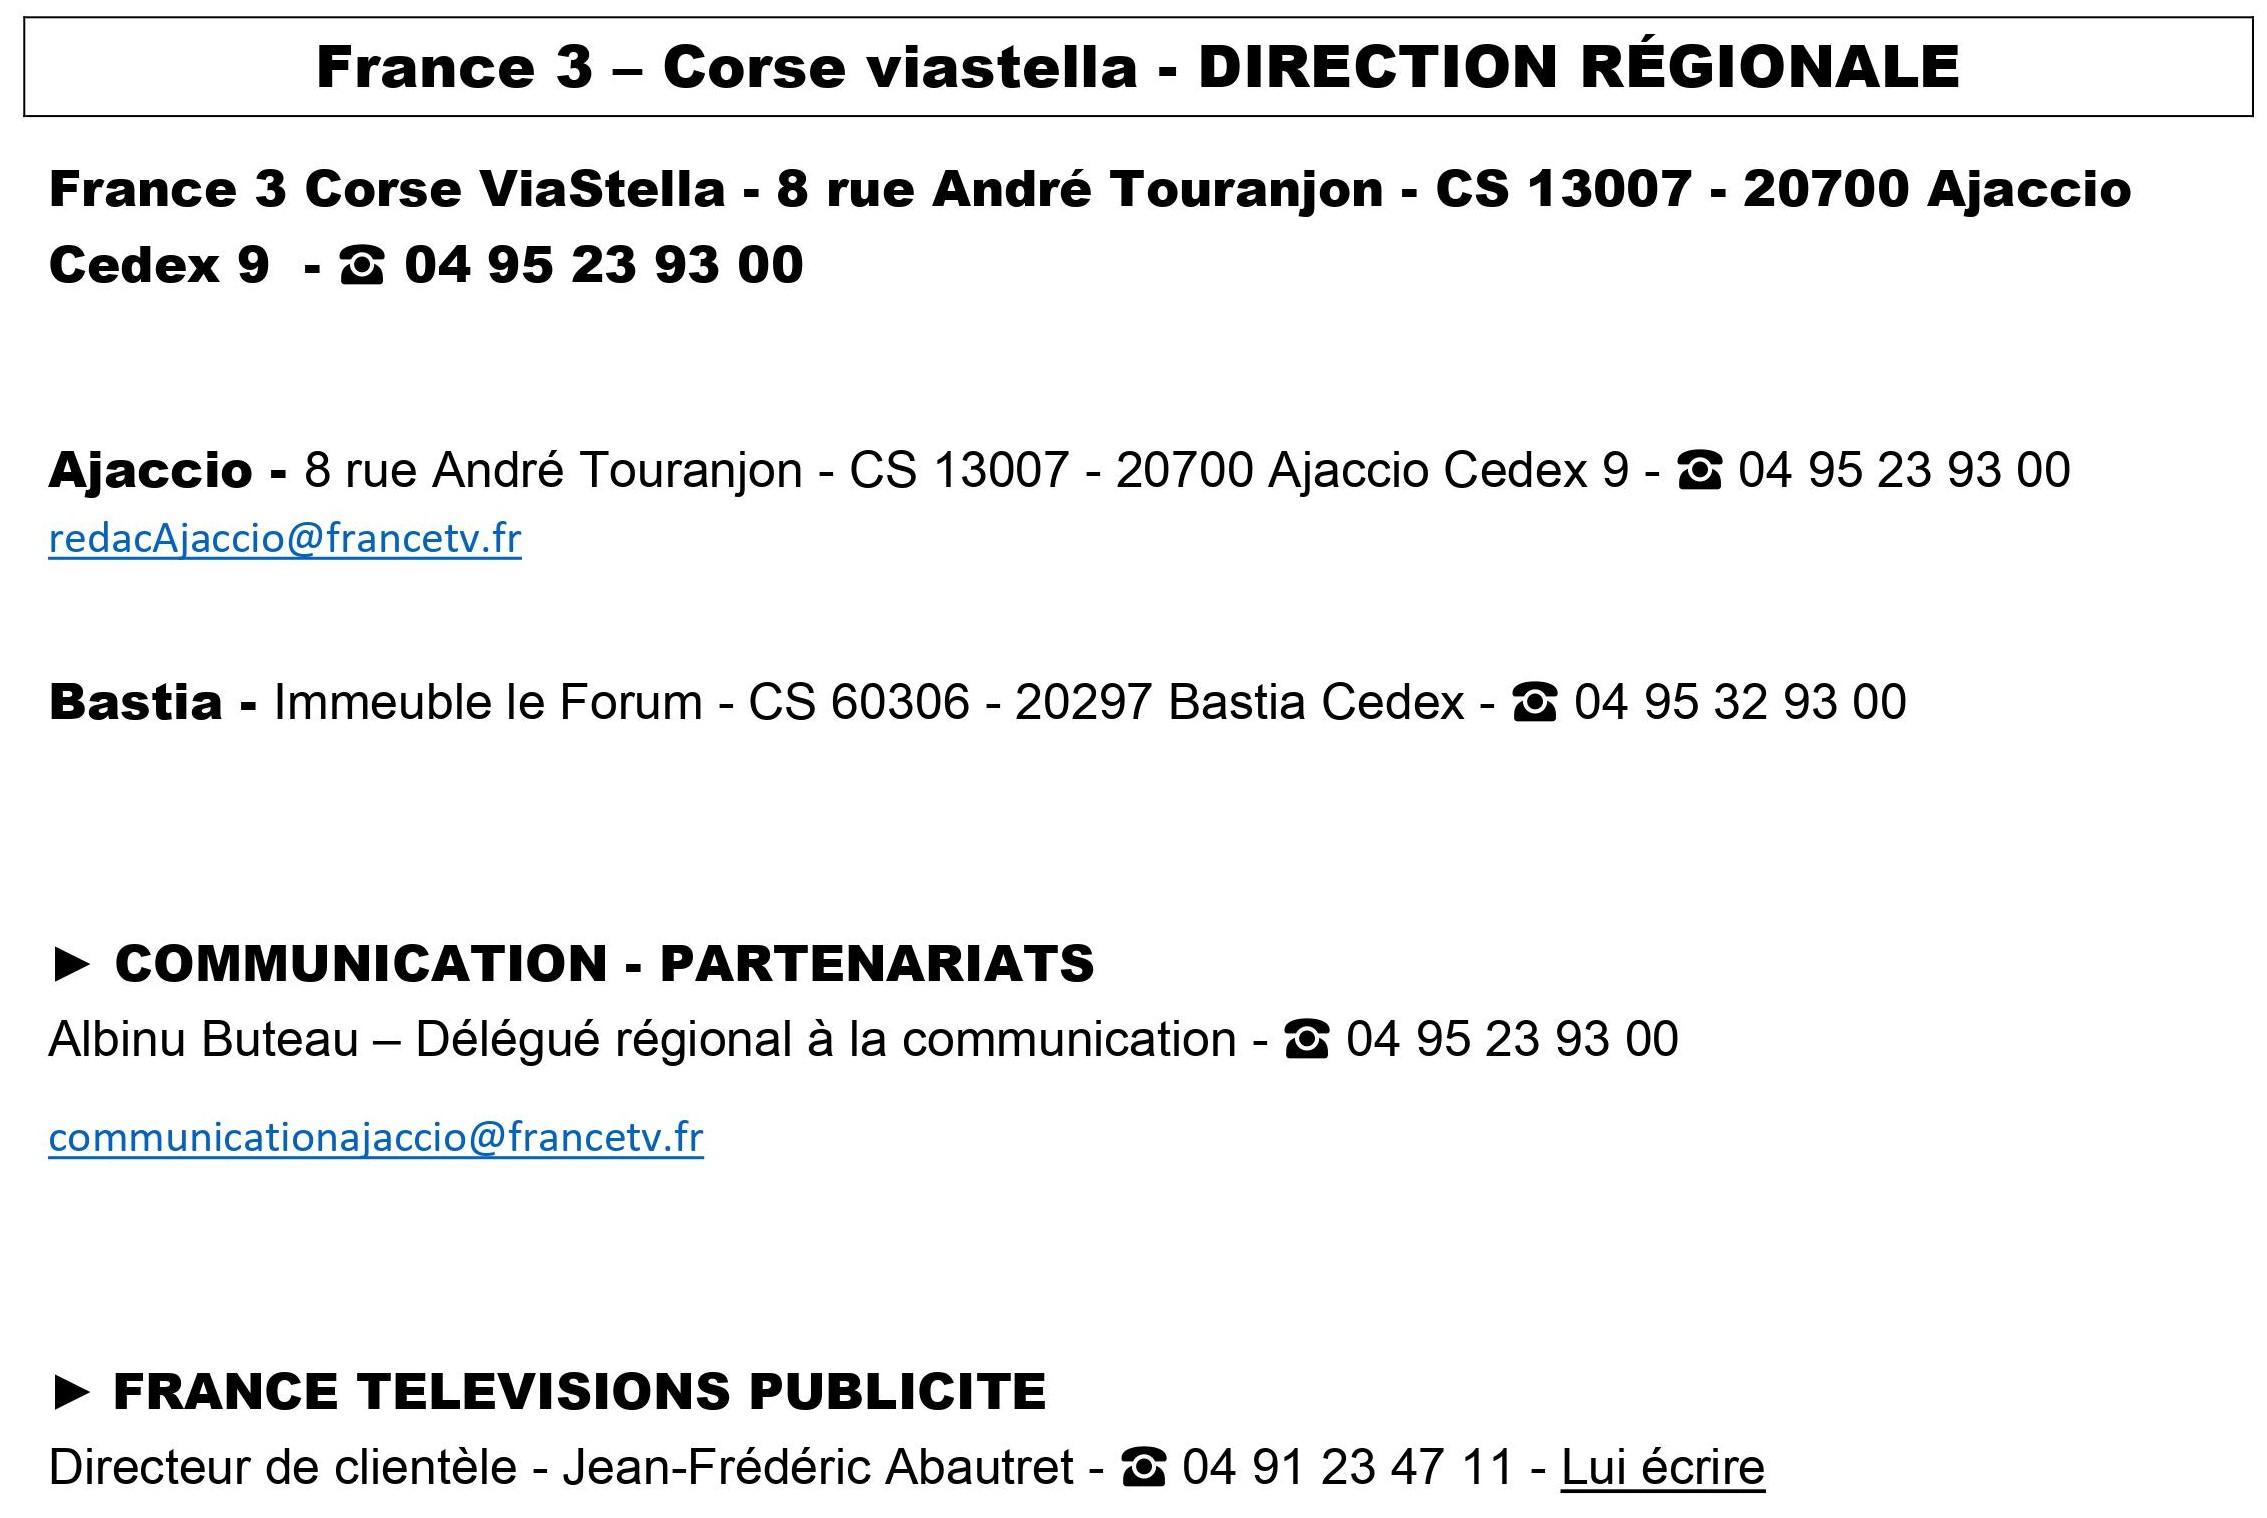 France 3 Corse Viastella